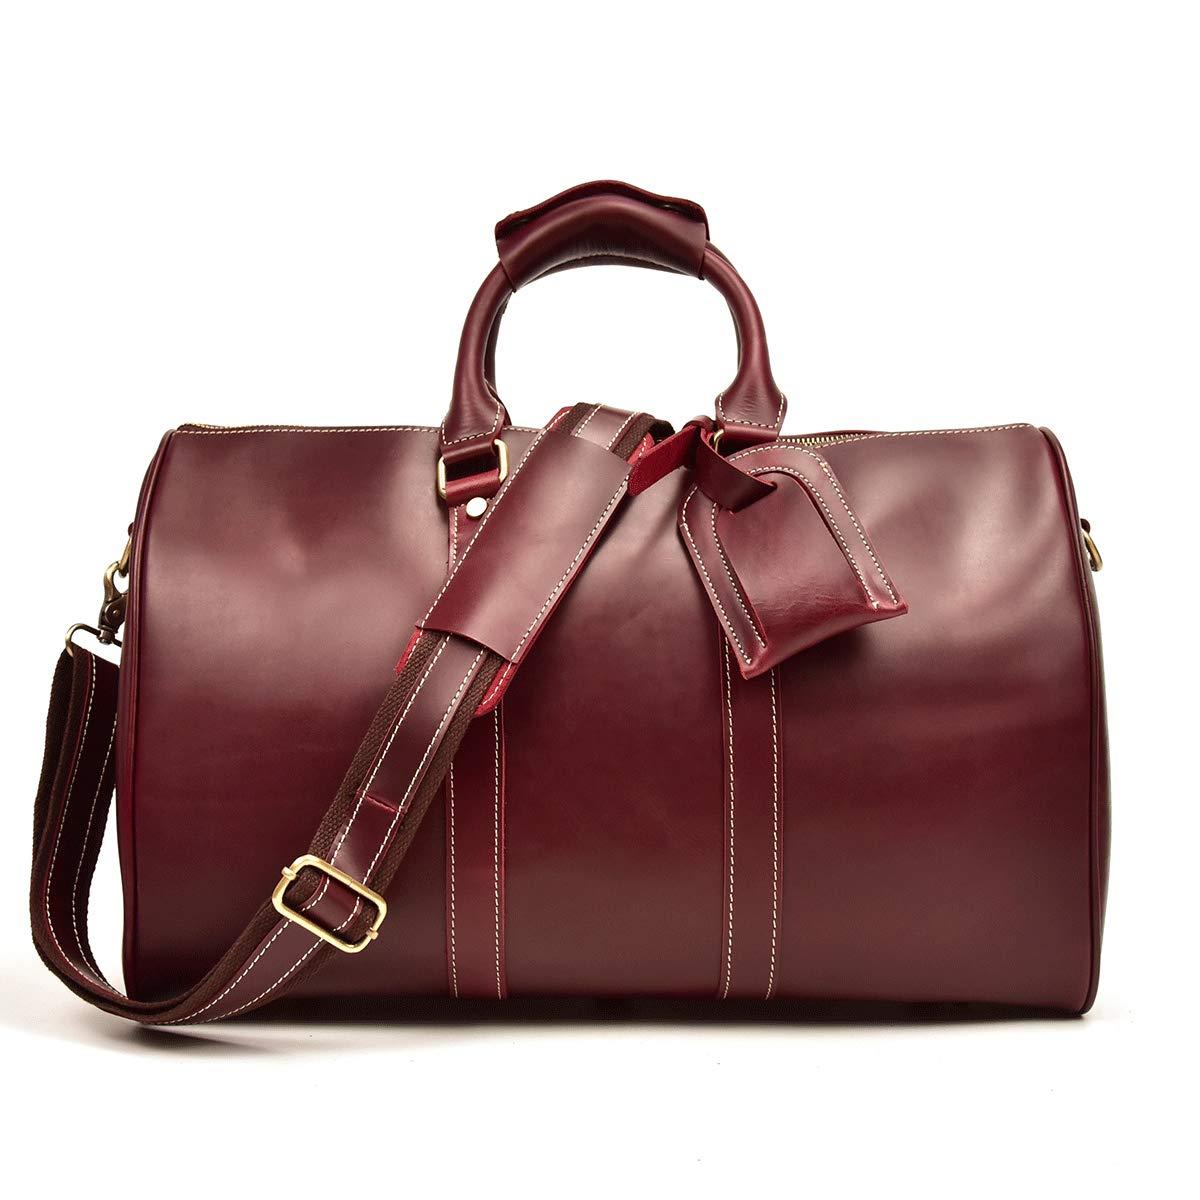 聡明理想的には鎮静剤本革 ボストンバッグ メンズ 機内持ち込み 旅行鞄 レザー トラベルバッグ 大容量 2way 耐久 レトロ 牛革 ゴルフバッグ 旅行バッグ 45cm